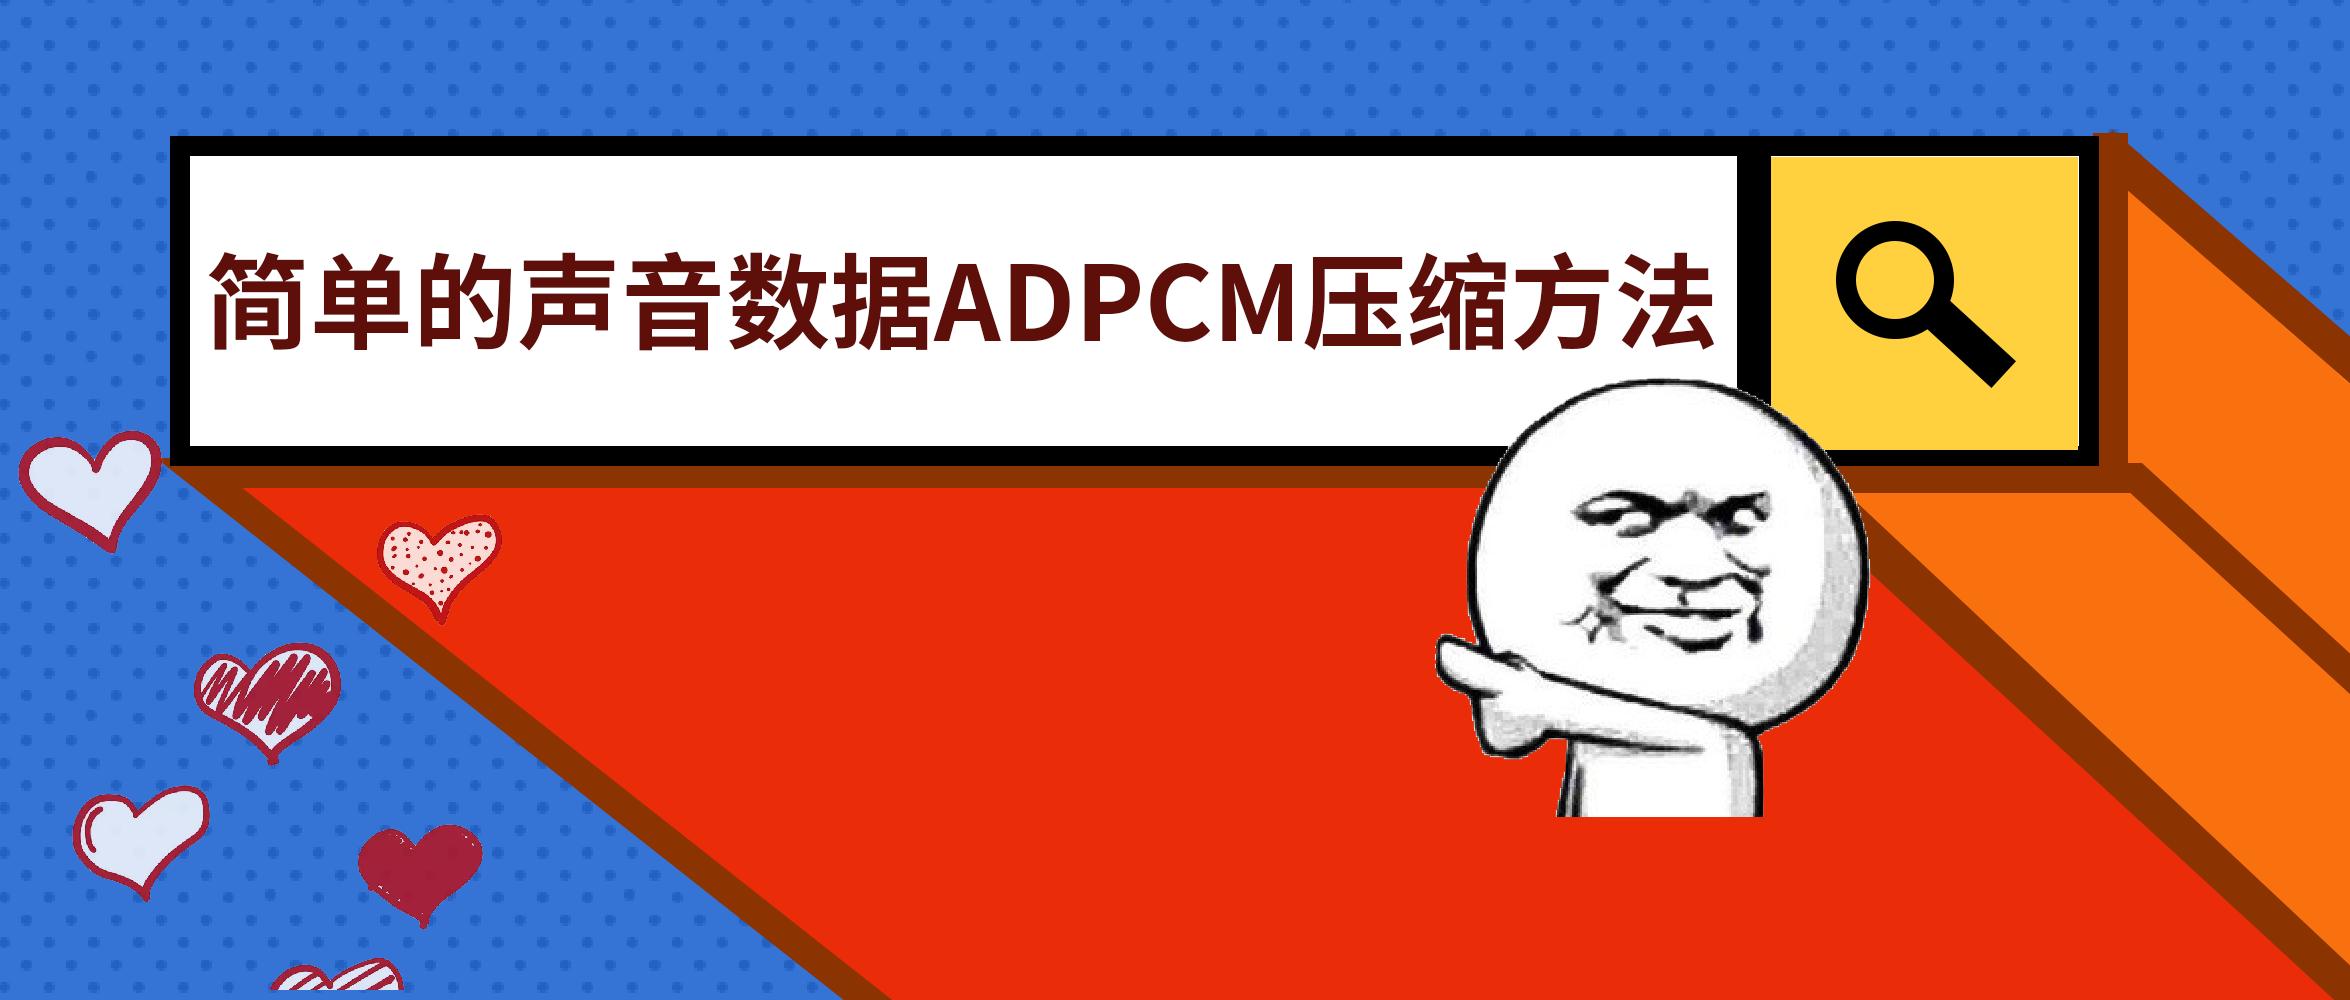 简单的声音数据ADPCM压缩方法